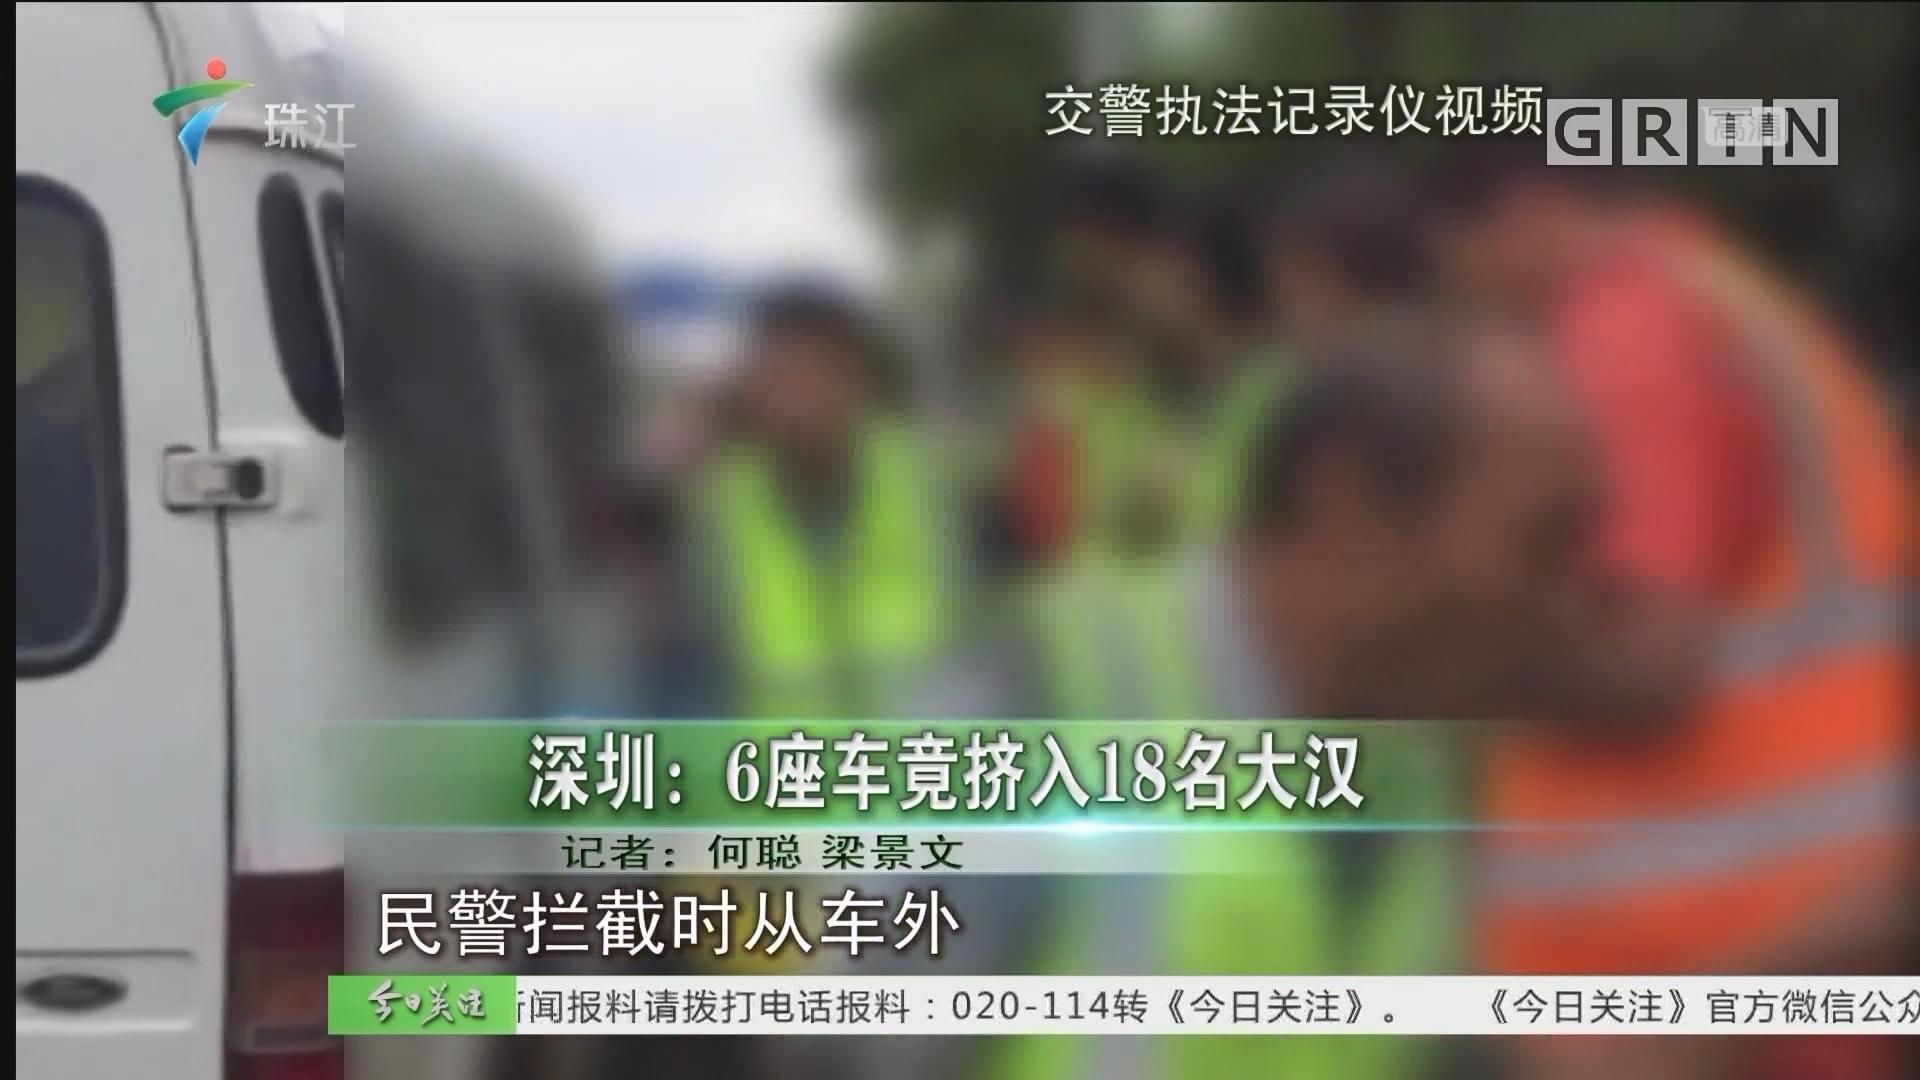 深圳:6座车竟挤入18名大汉